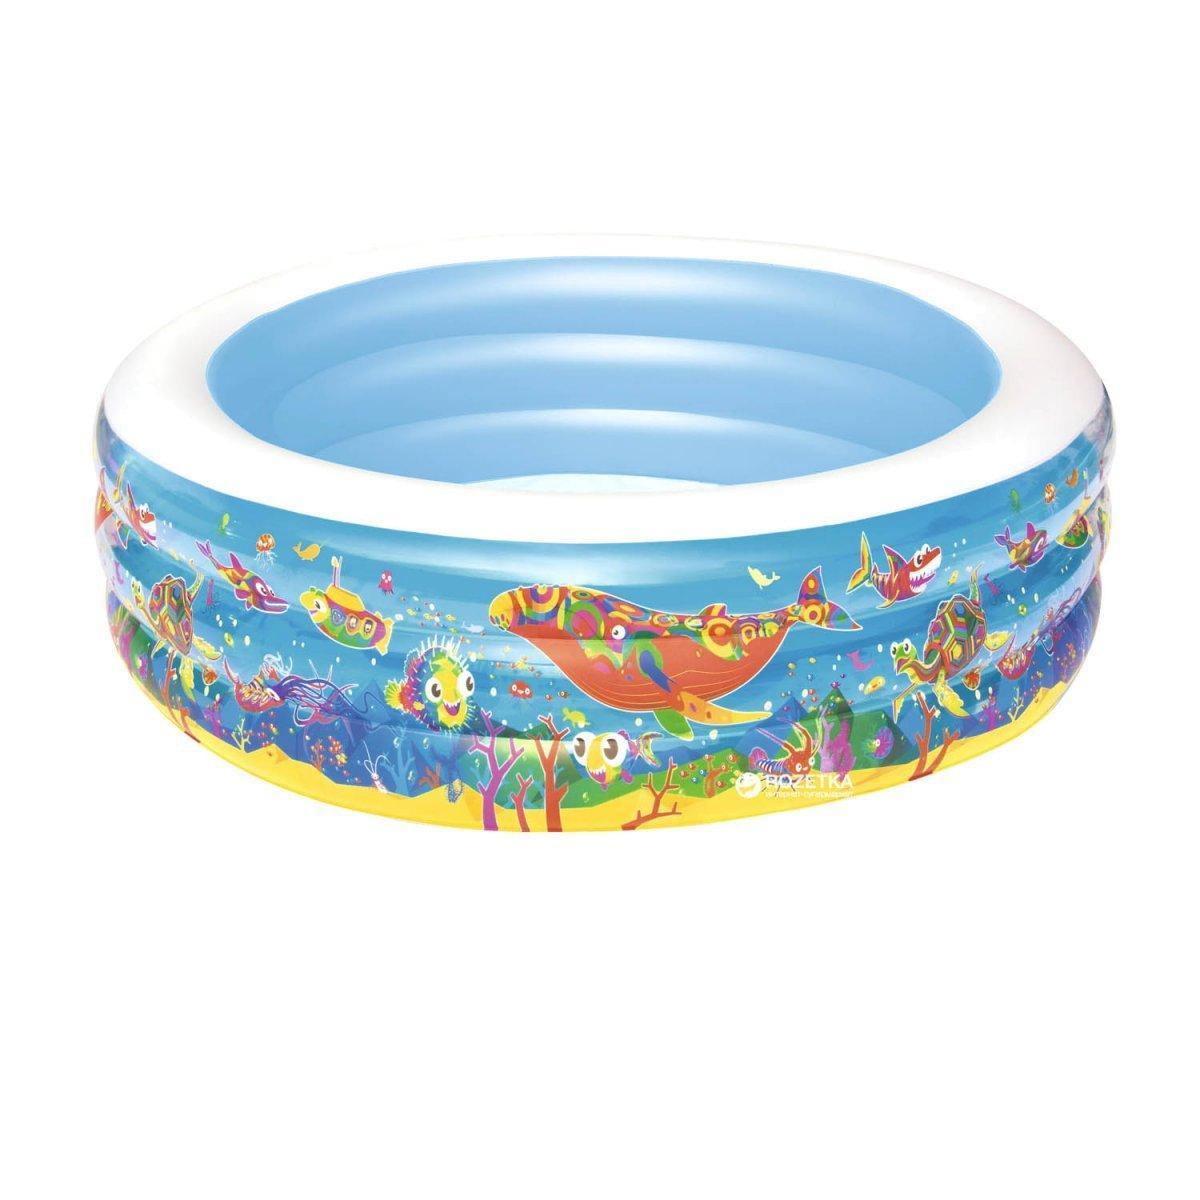 Детский надувной бассейн Bestway 51121 Аквариум, 152 х 51 см